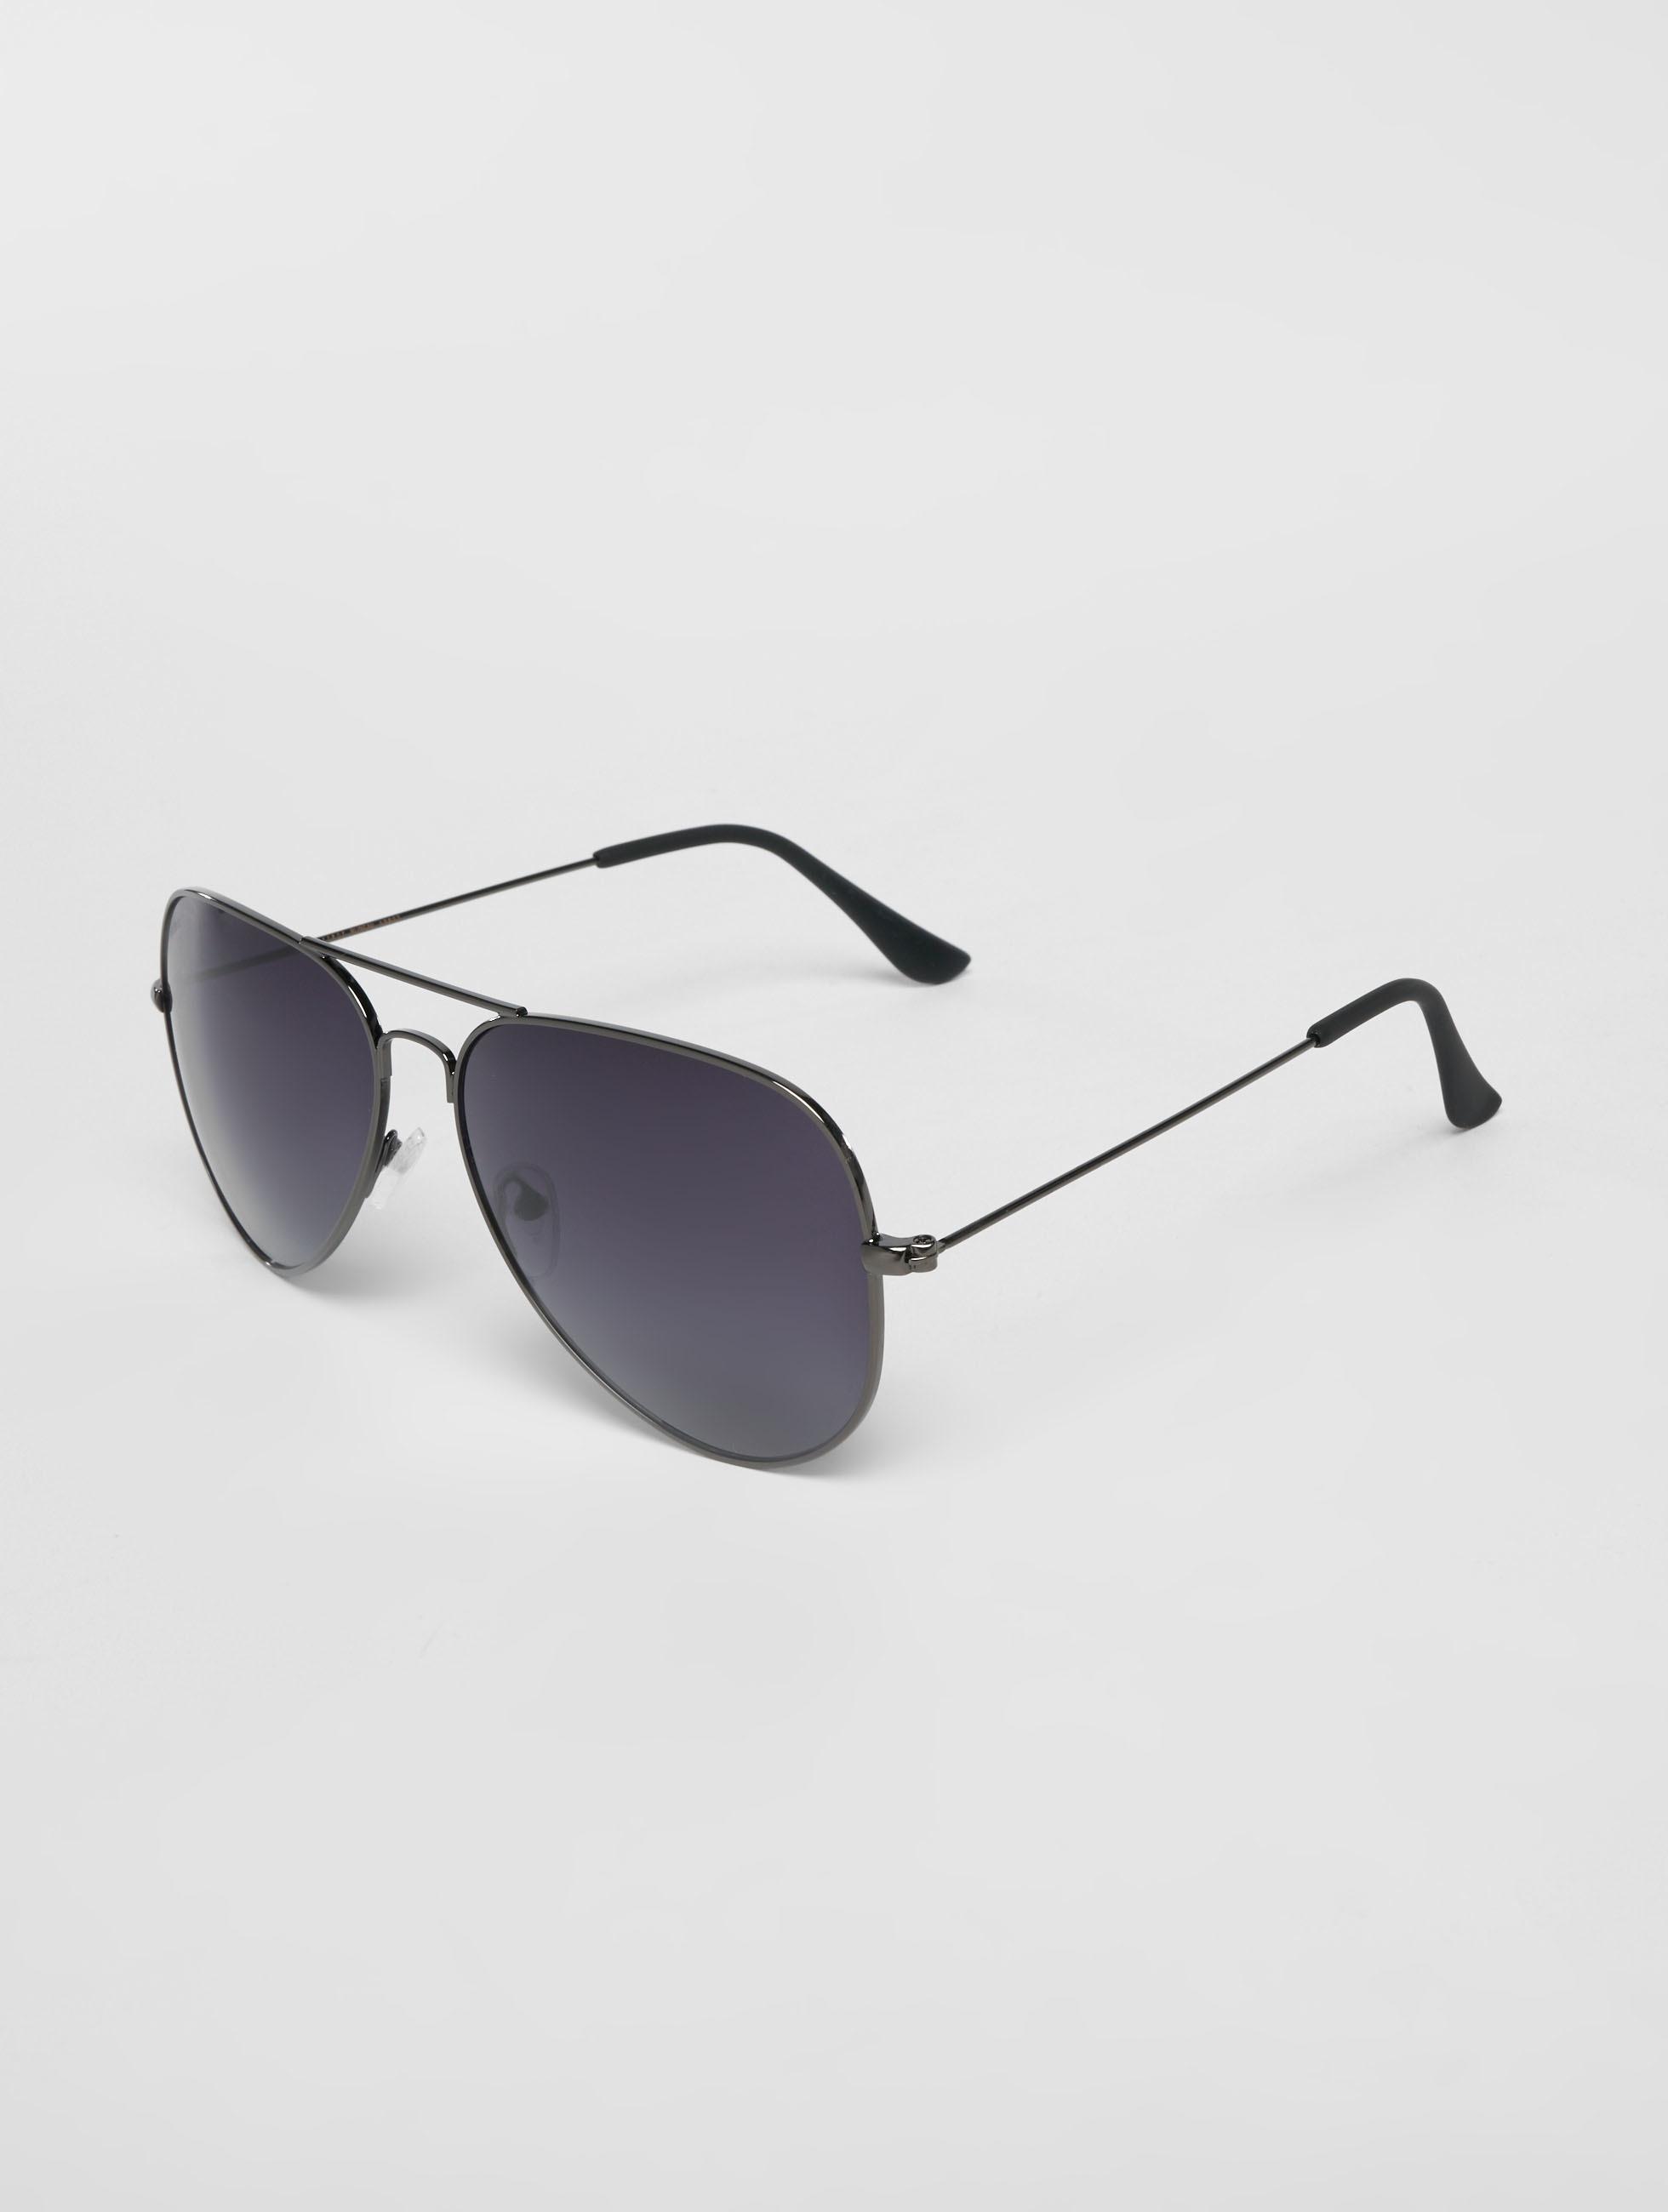 Sonnenbrille Pure AV Polarized Mirror in silberfarben